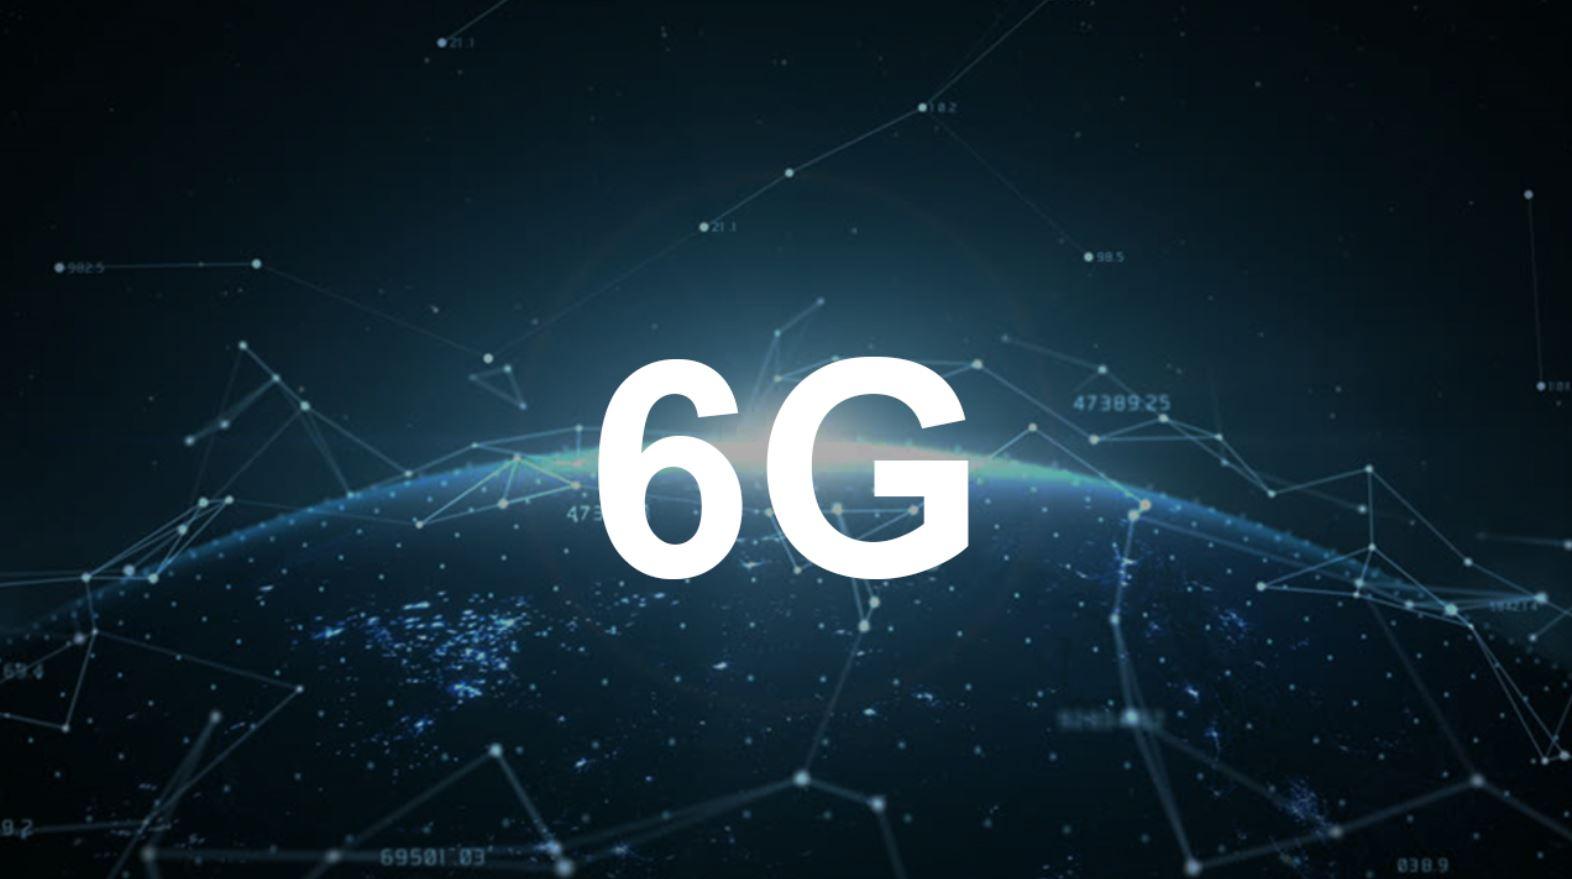 الصين تعمل على تقديم تكنولوجيا الجيل السادس 6G | الوفد